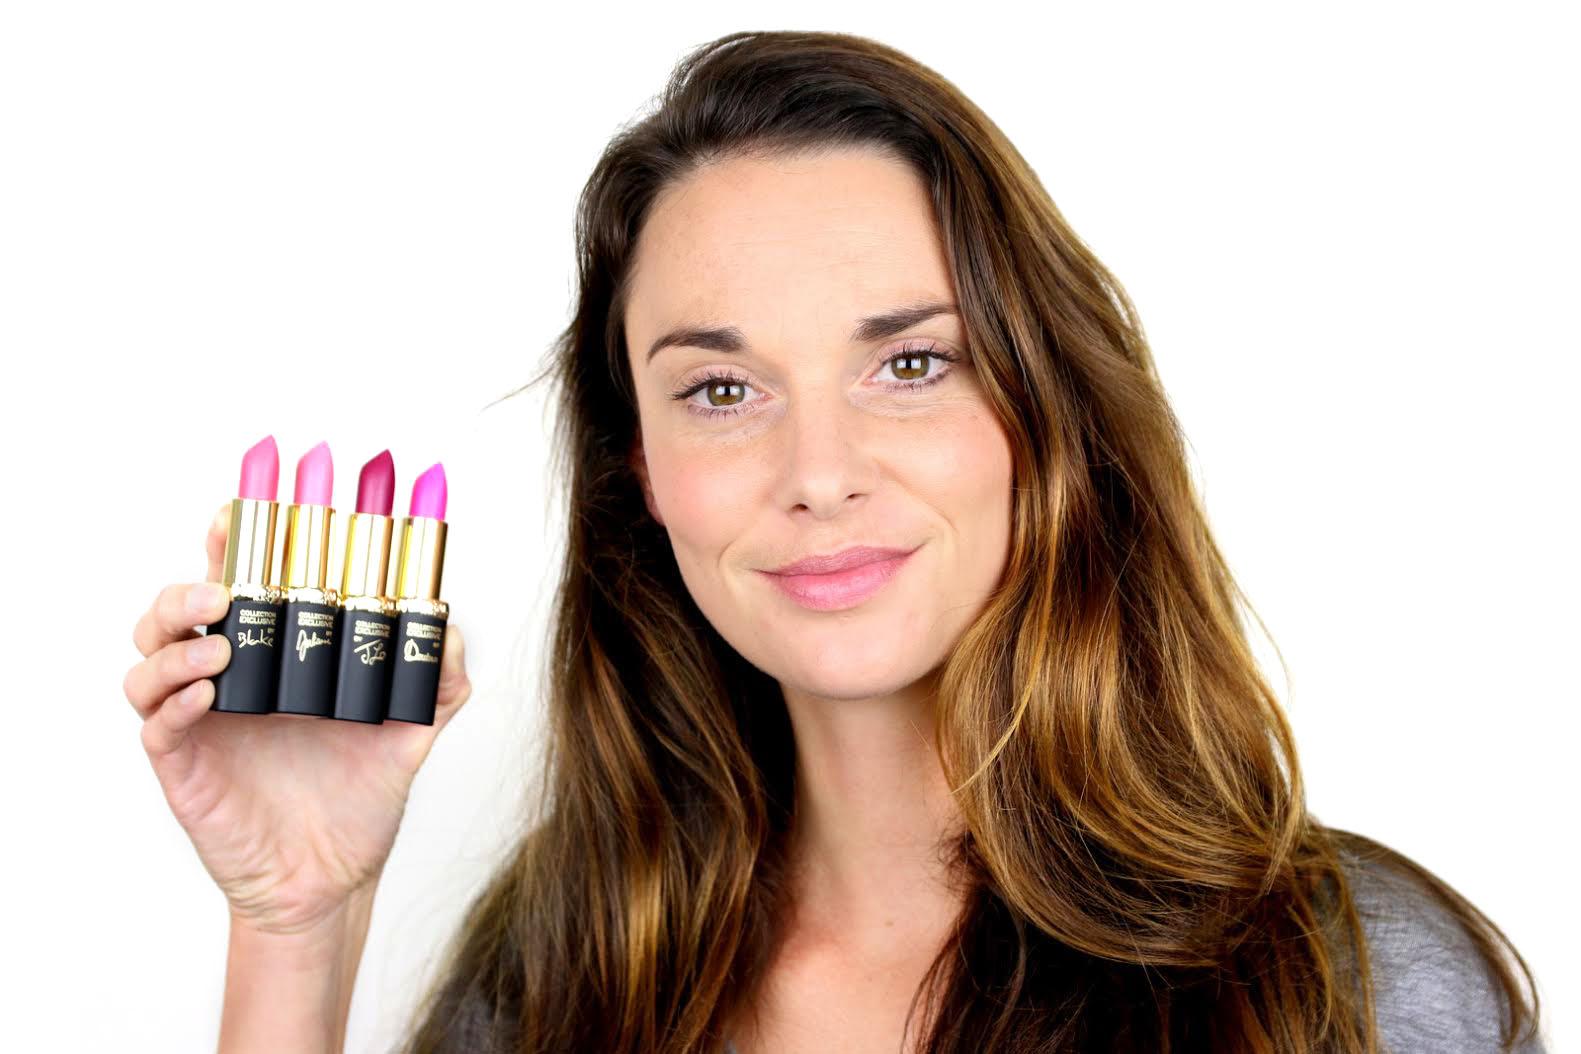 welke lipstick past bij mij